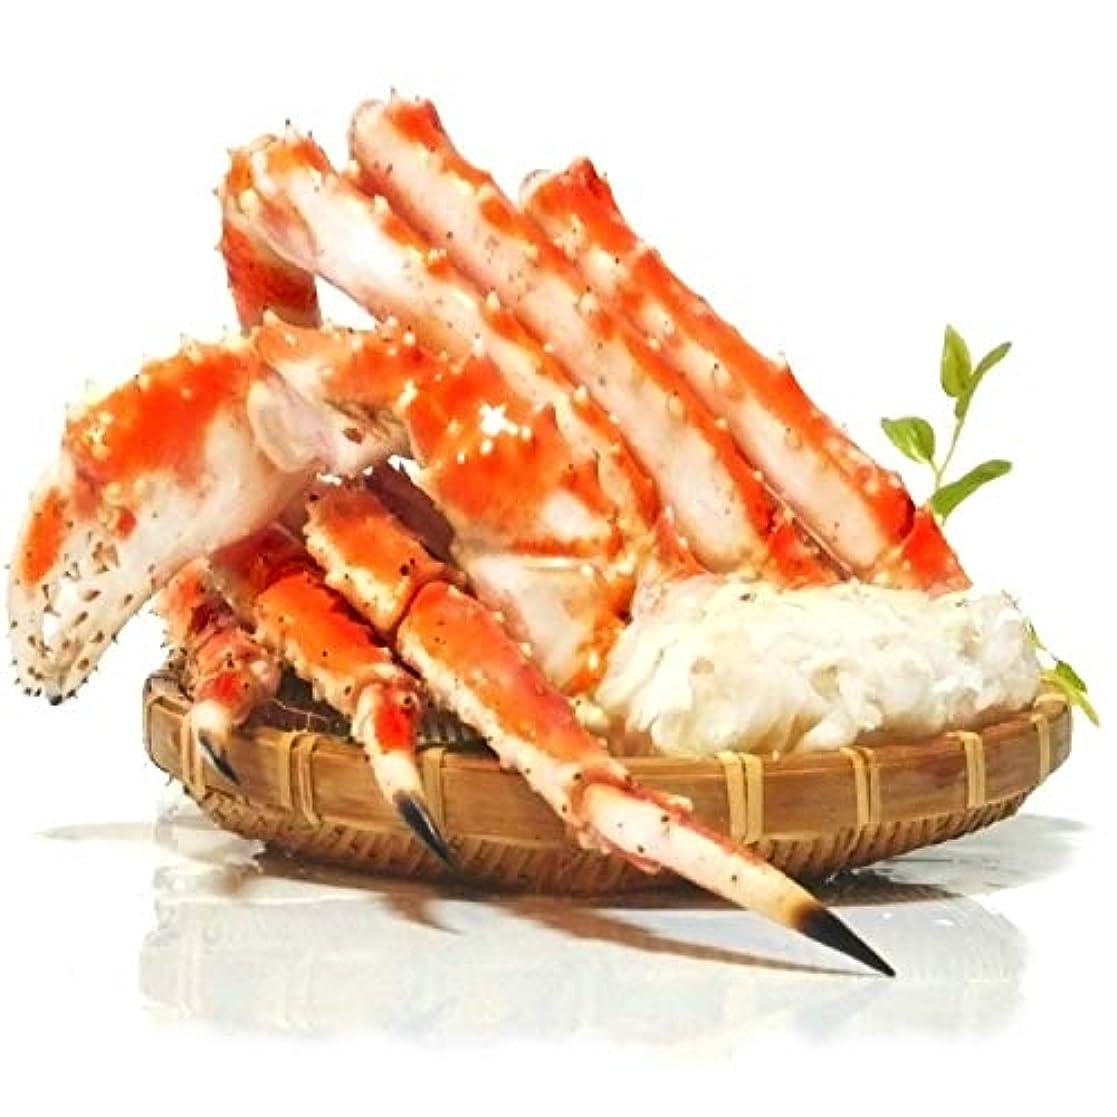 インデックス想定するかなりの黒帯 タラバガニ 脚 ギフトパック 天然 ボイル 本 たらば 蟹 かに 足 特大 良品選別済 (1kg:1kgx1肩入)